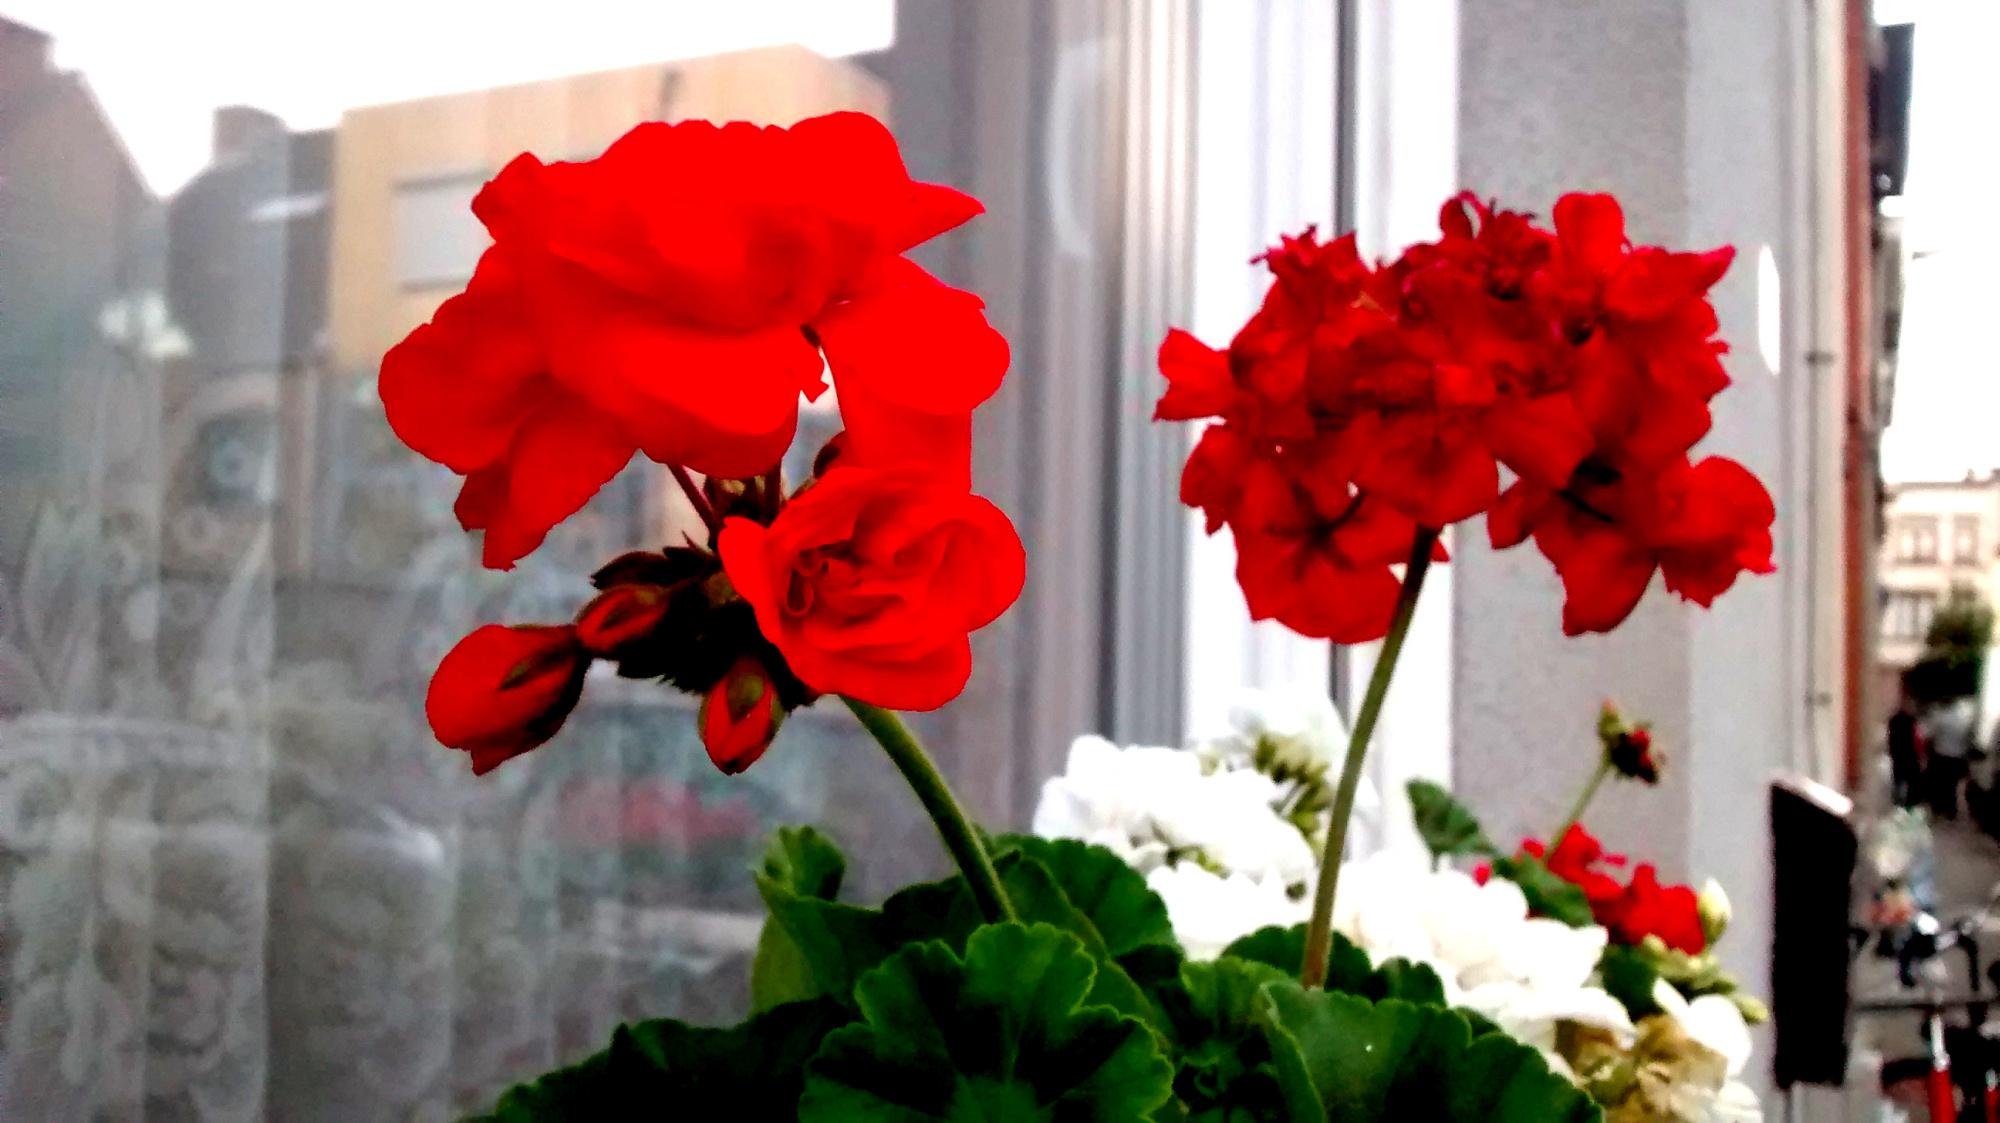 Flower outside strangers house